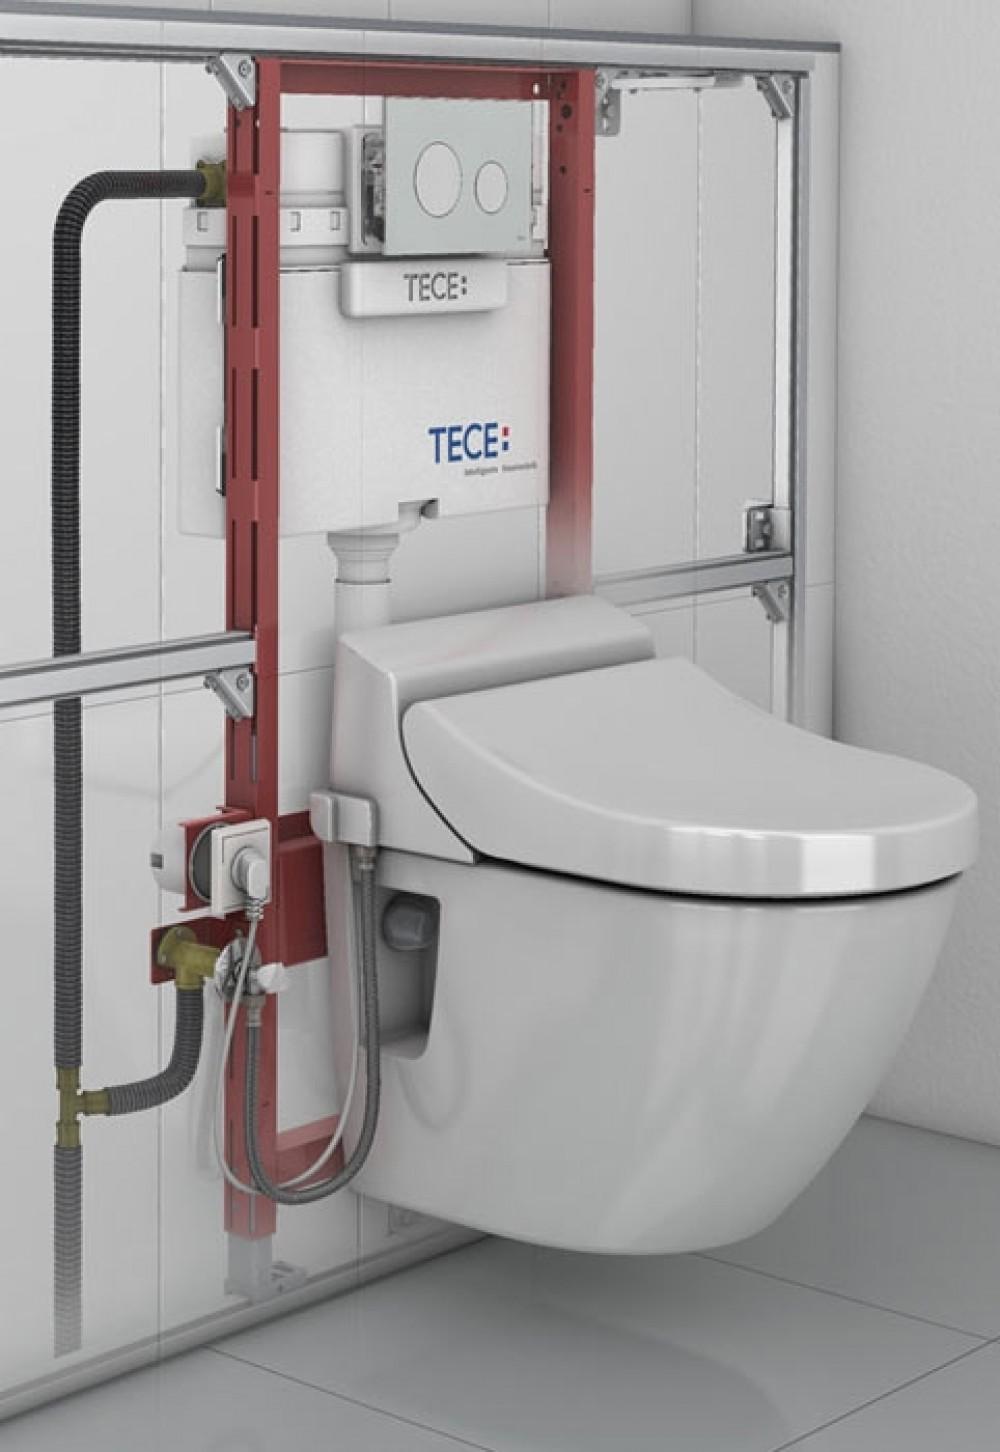 toto washlet ek 2.0 seitlich + tece installation